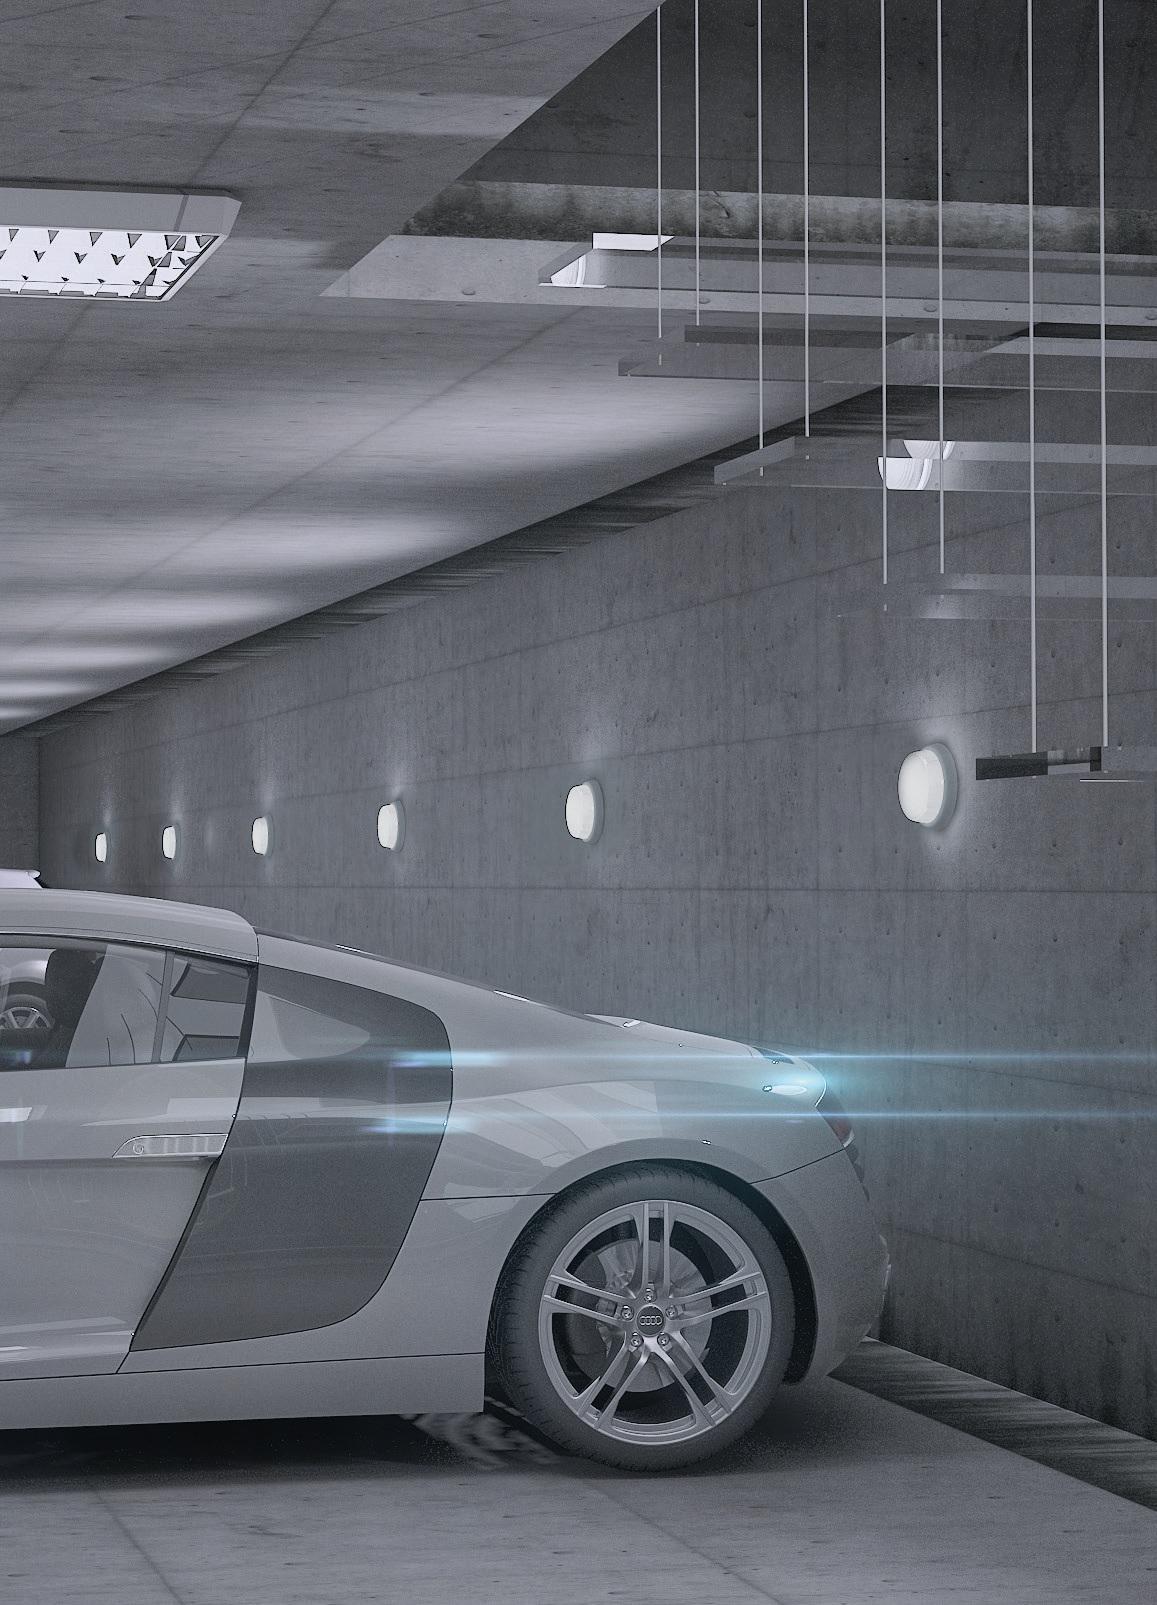 PANLUX SNG-100 GENTLEMAN průmyslové osvětlení nejen k bazénu